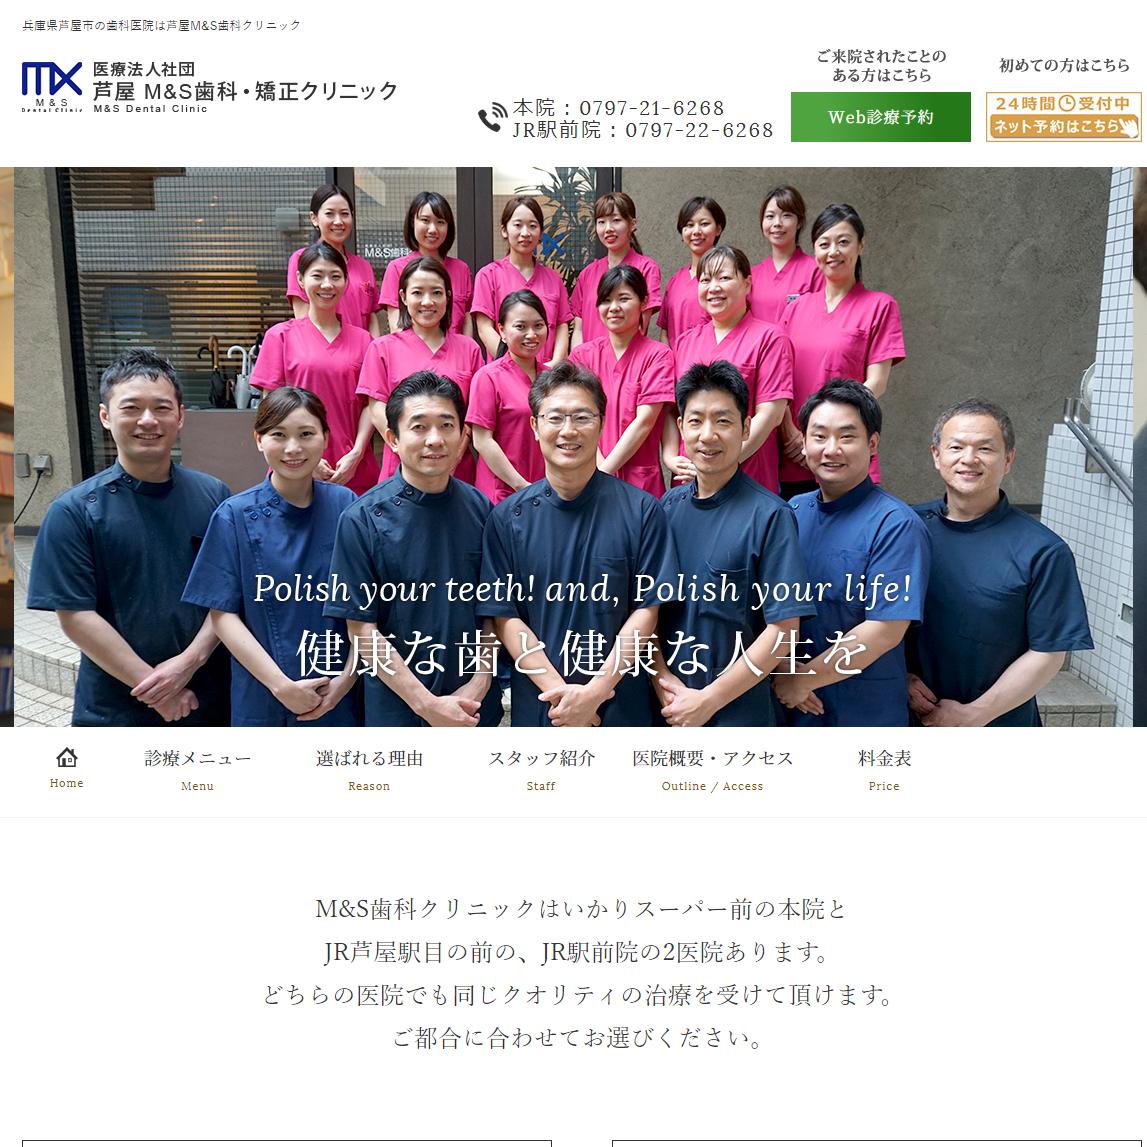 医療法人社団 芦屋 M&S歯科・矯正クリニック